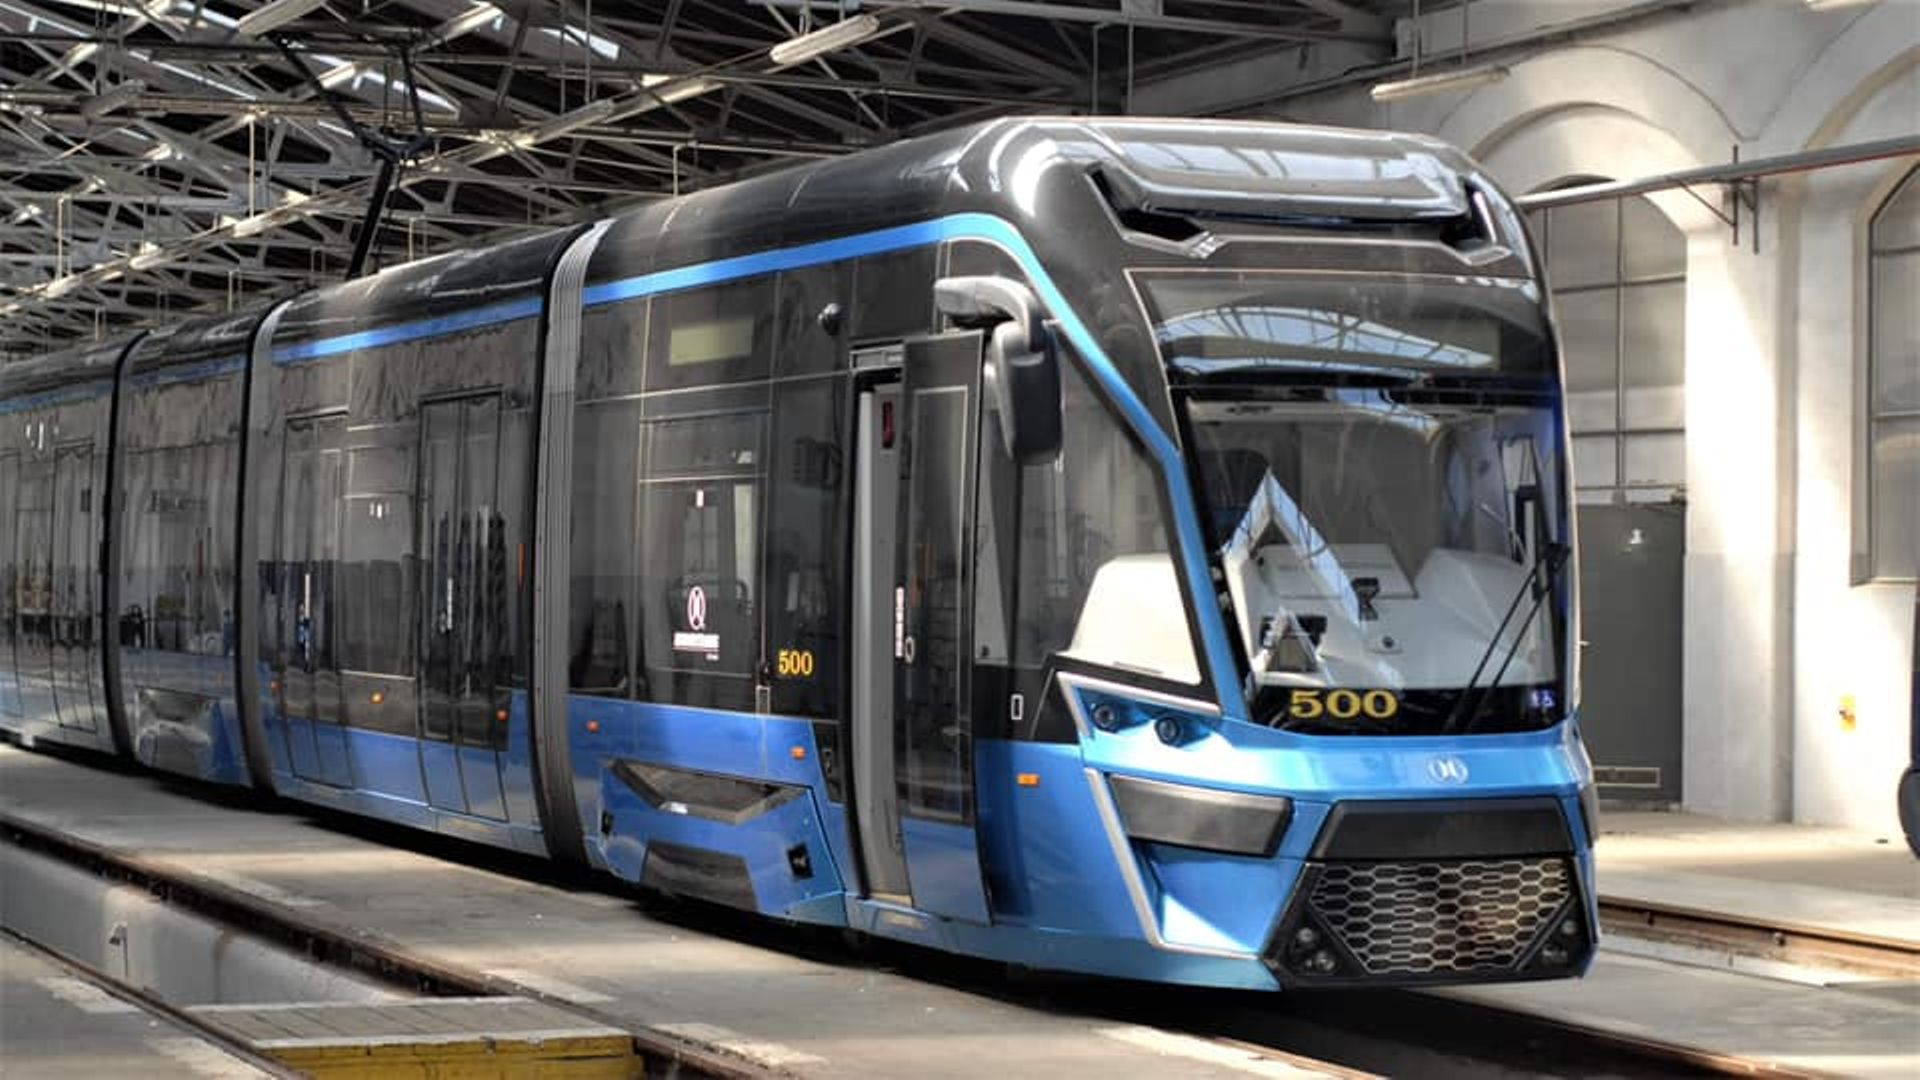 MPK Wrocław rezygnuje z zakupu kolejnych 30 nowych tramwajów